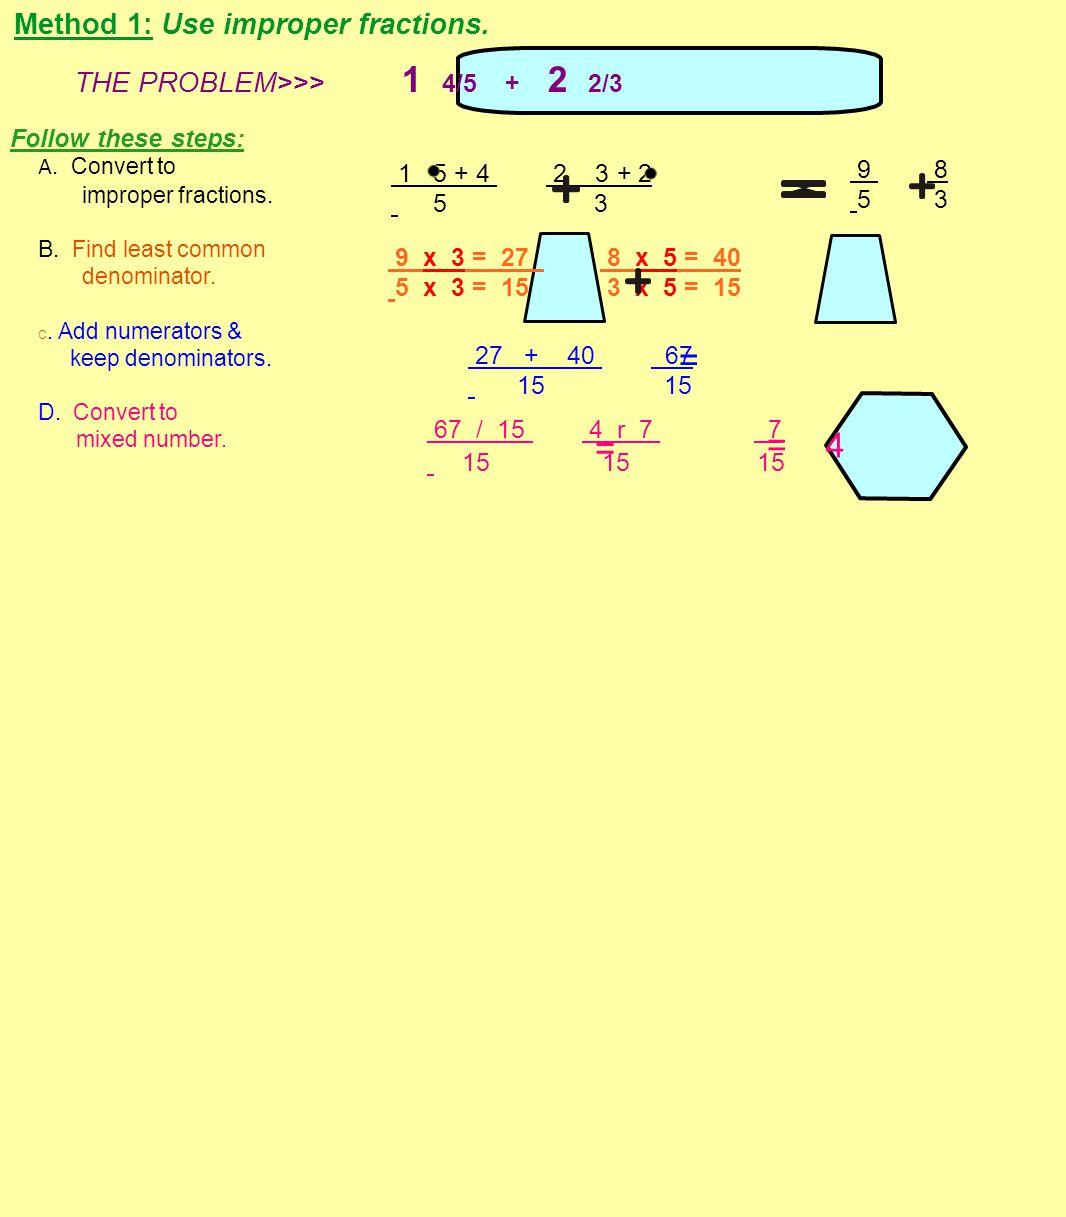 = = = 4 Method 1: Use improper fractions.